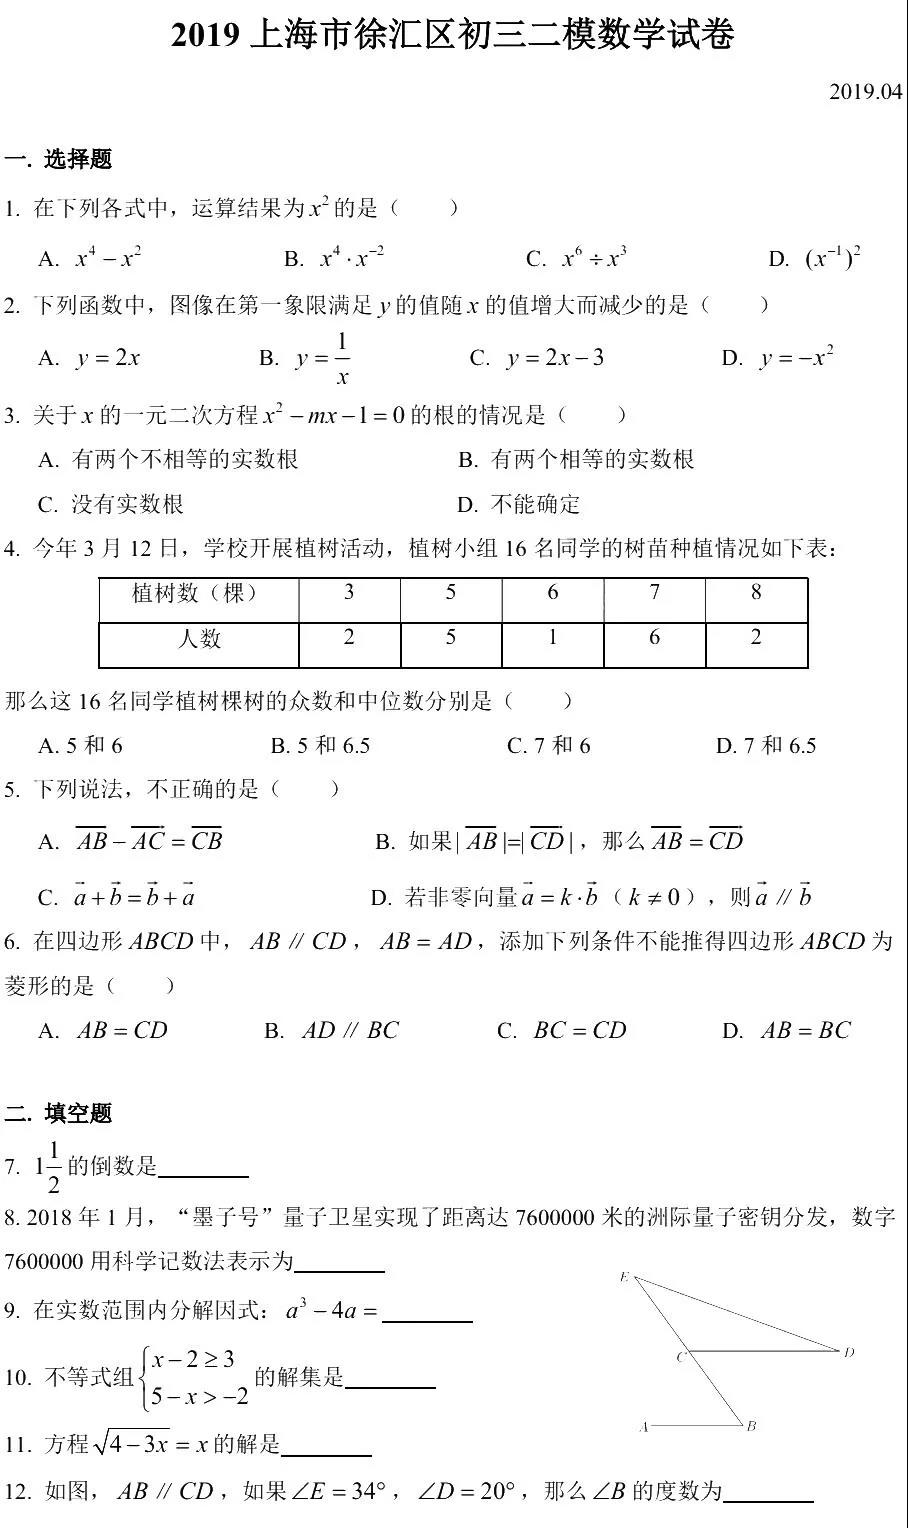 2019上海徐汇中考二模数学试题及